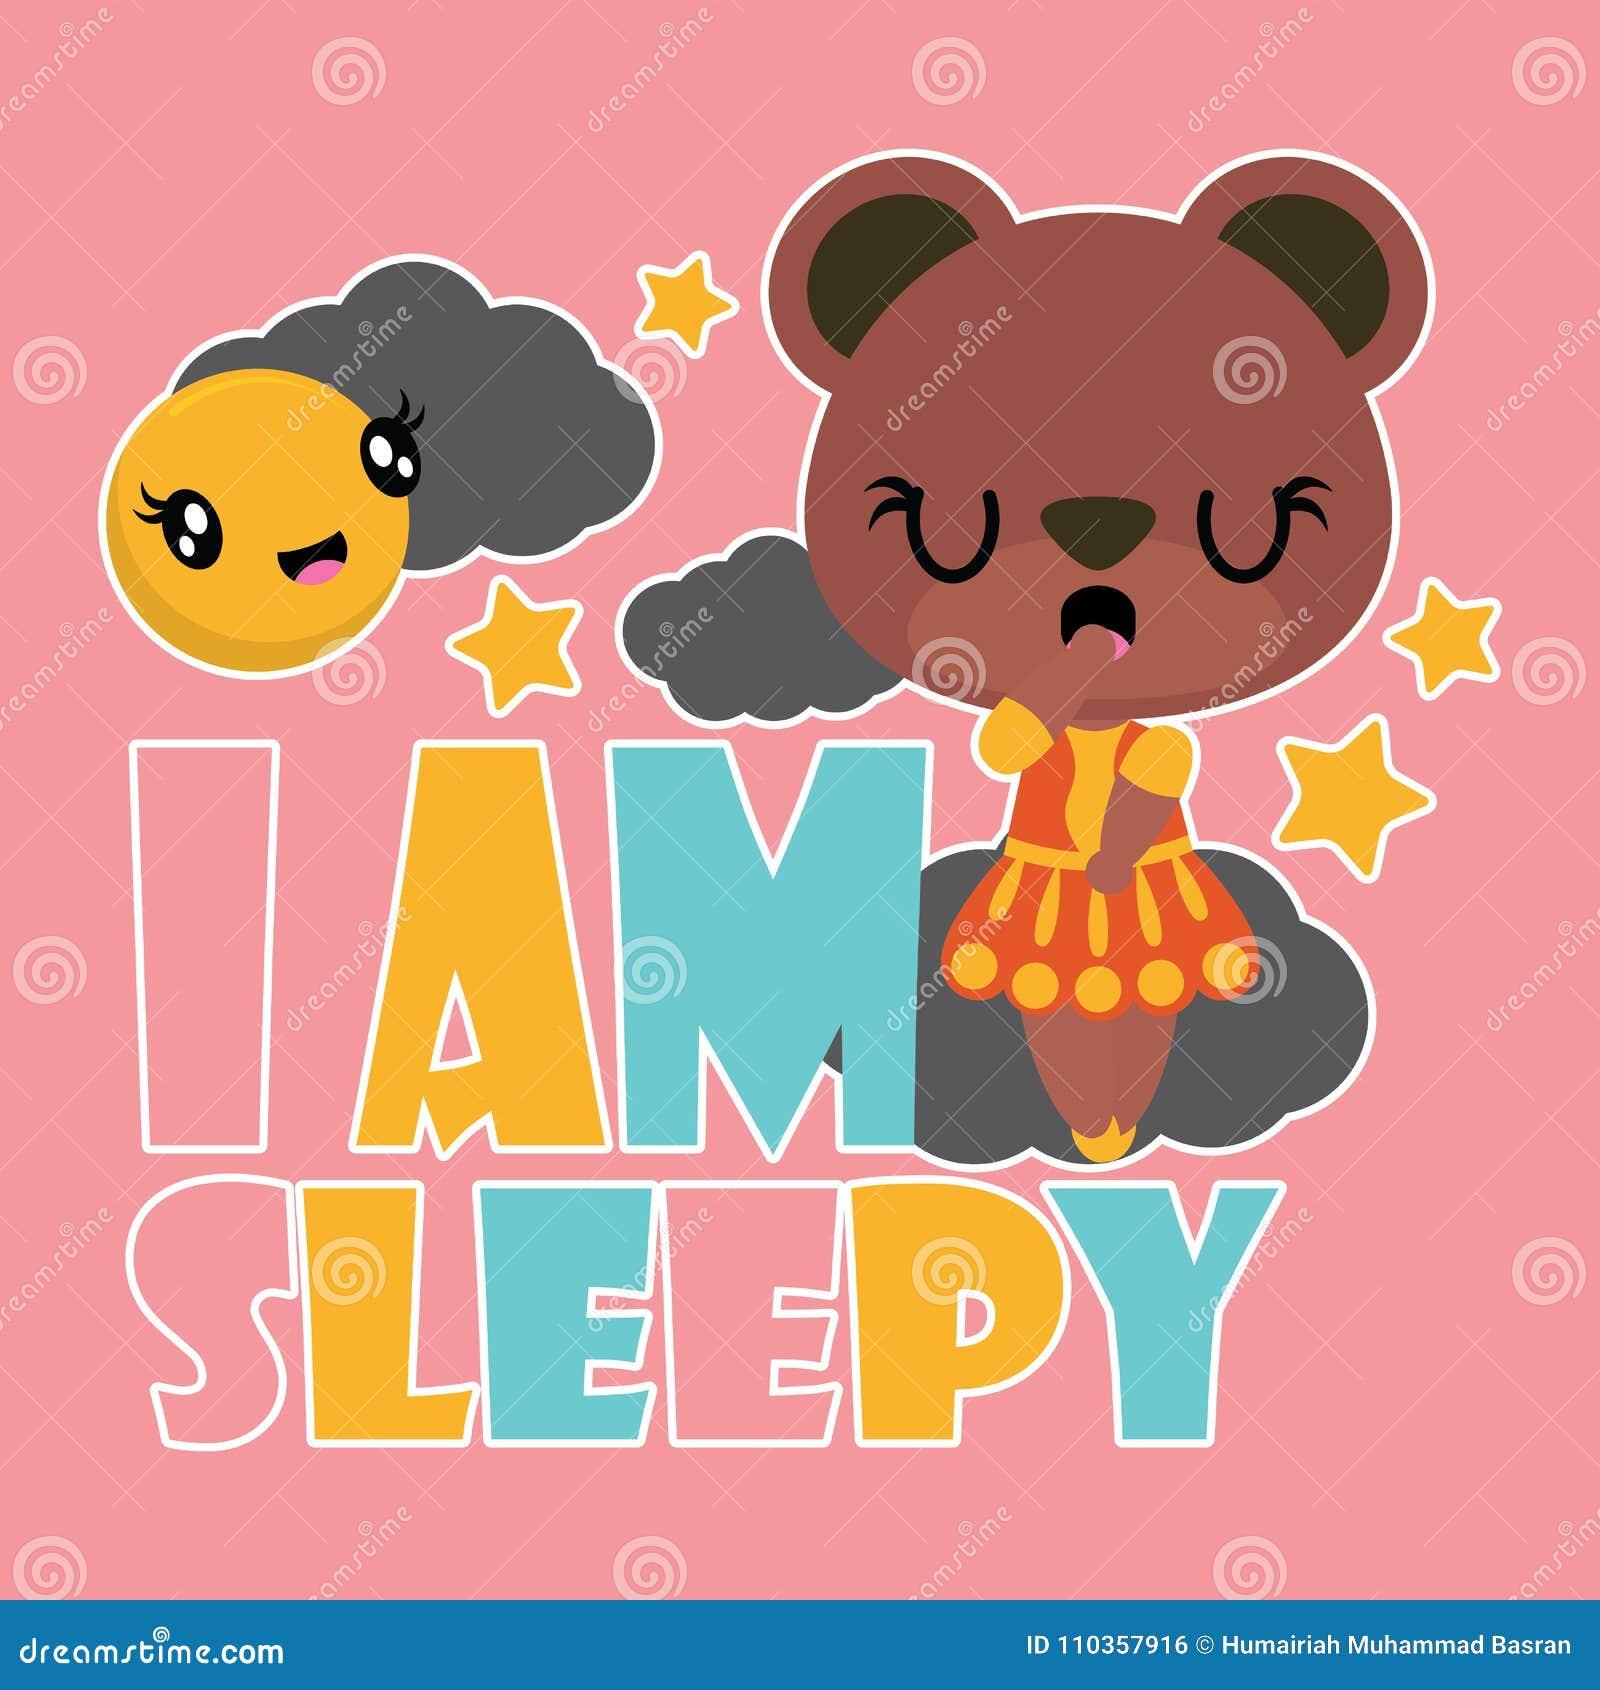 A Menina Bonito Do Urso E Ilustracao Sonolento Dos Desenhos Animados Para O Projeto Do Fundo Do T Shirt Da Crianca Ilustracao Do Vetor Ilustracao De Desenhos Sonolento 110357916